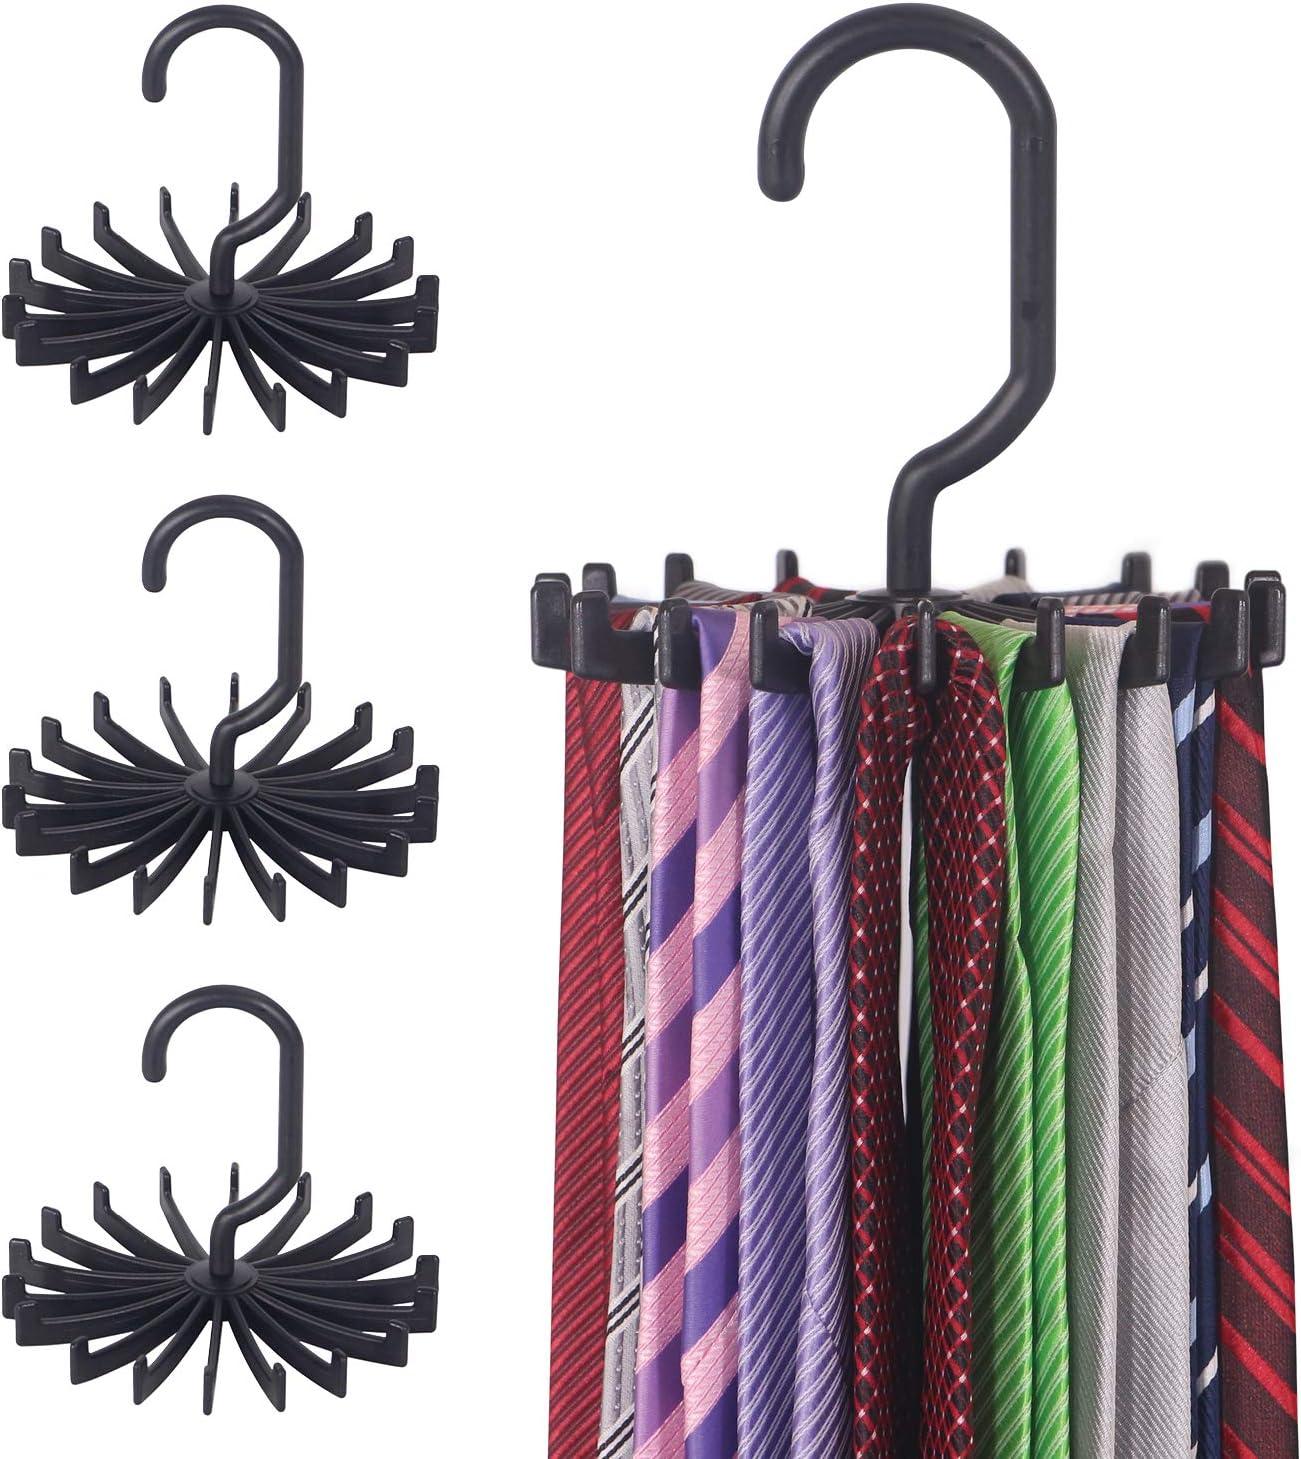 Closet Storage Rack Hanger Tie Belt Organizer Halter 30,5 x 7,3 x 1,4 cm